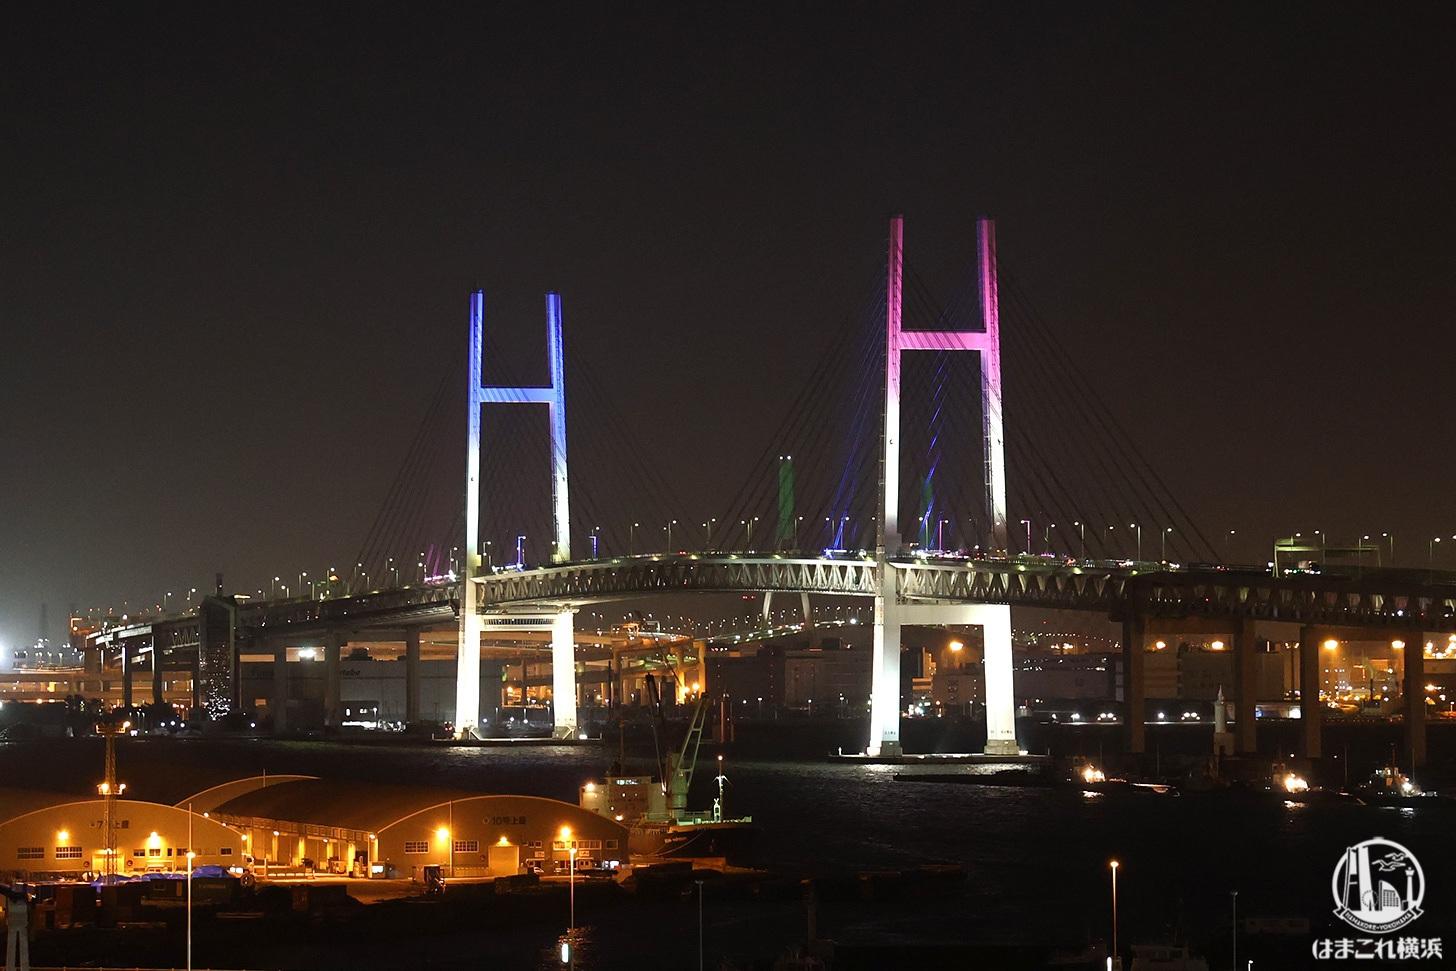 横浜ベイブリッジの特別ライトアップ撮ってきた!ブルーとピンクの2カラーで横浜港を彩る